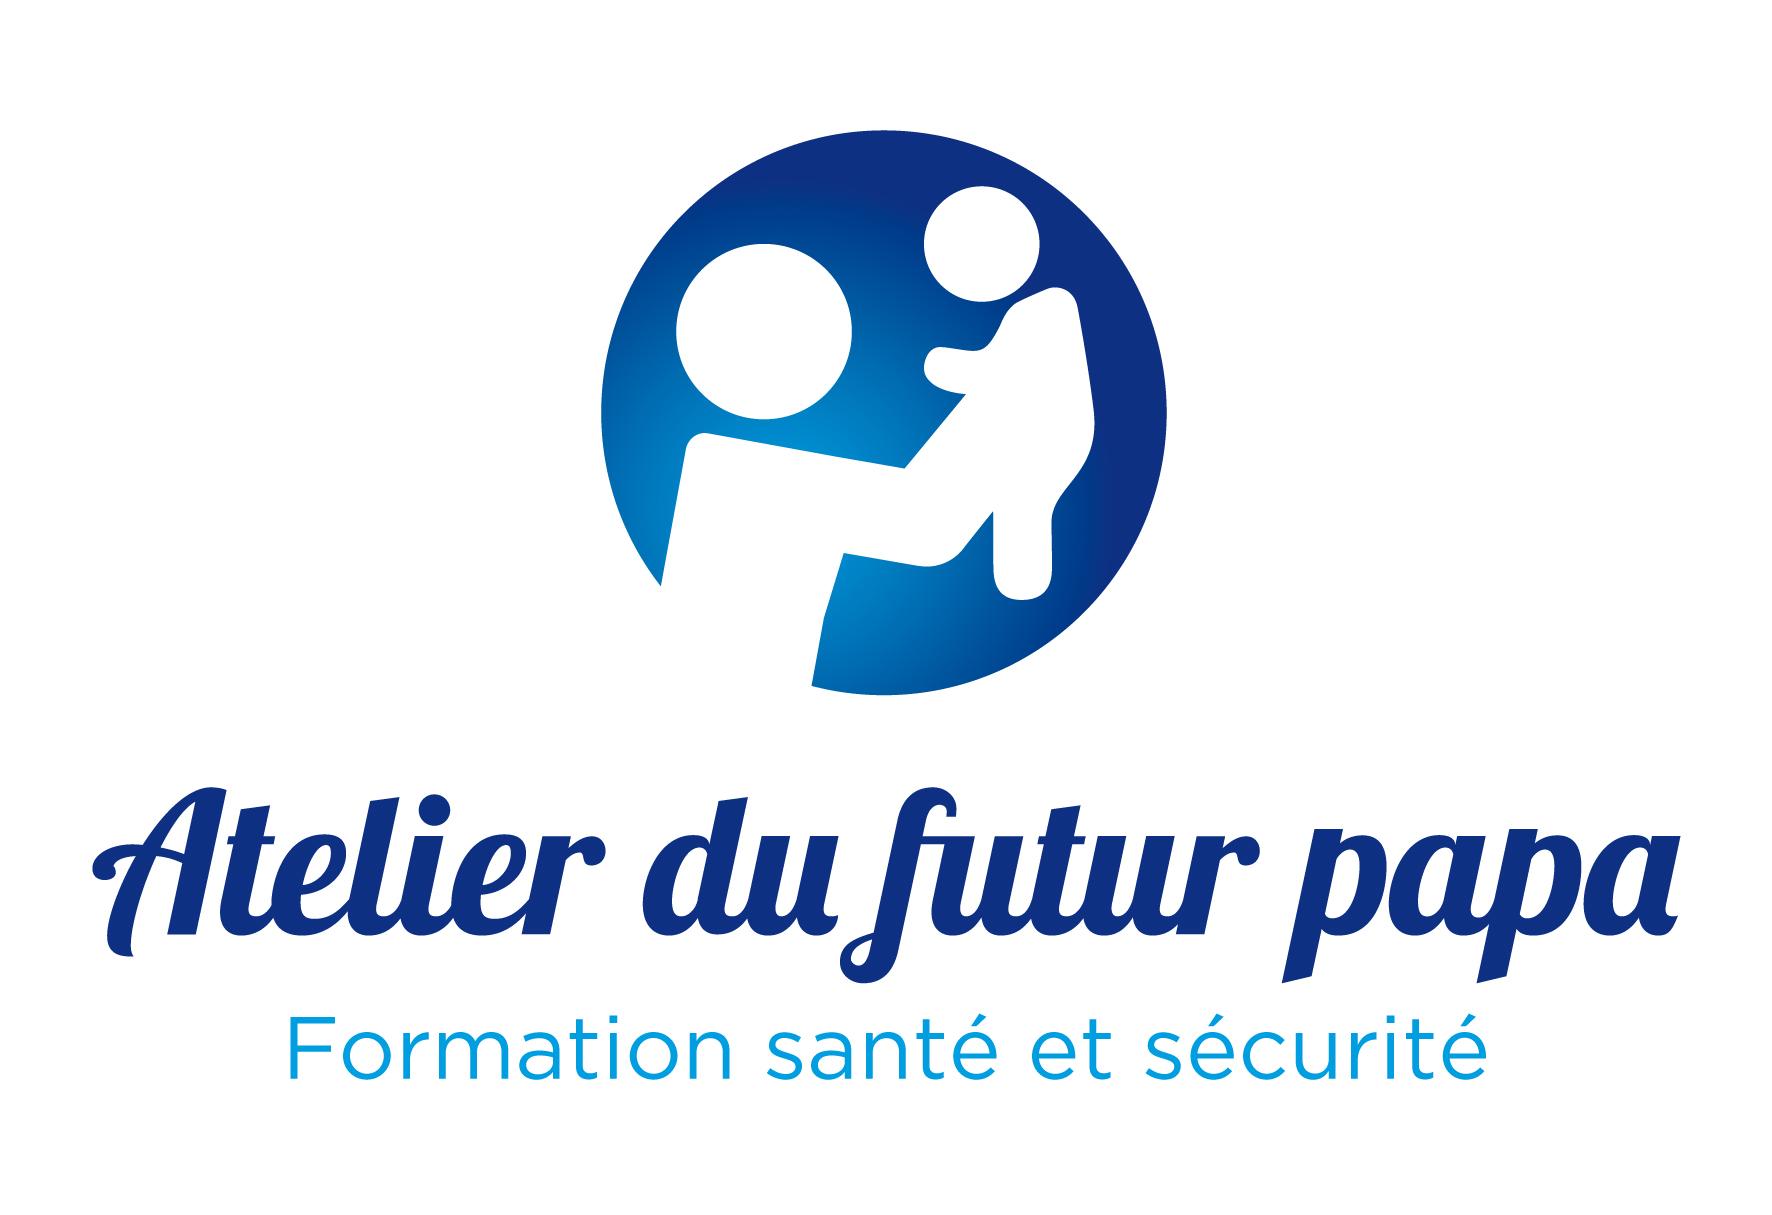 http://www.relations-publiques.pro/wp-content/uploads/pros/20151103082810-p1-document-vuyr.jpg